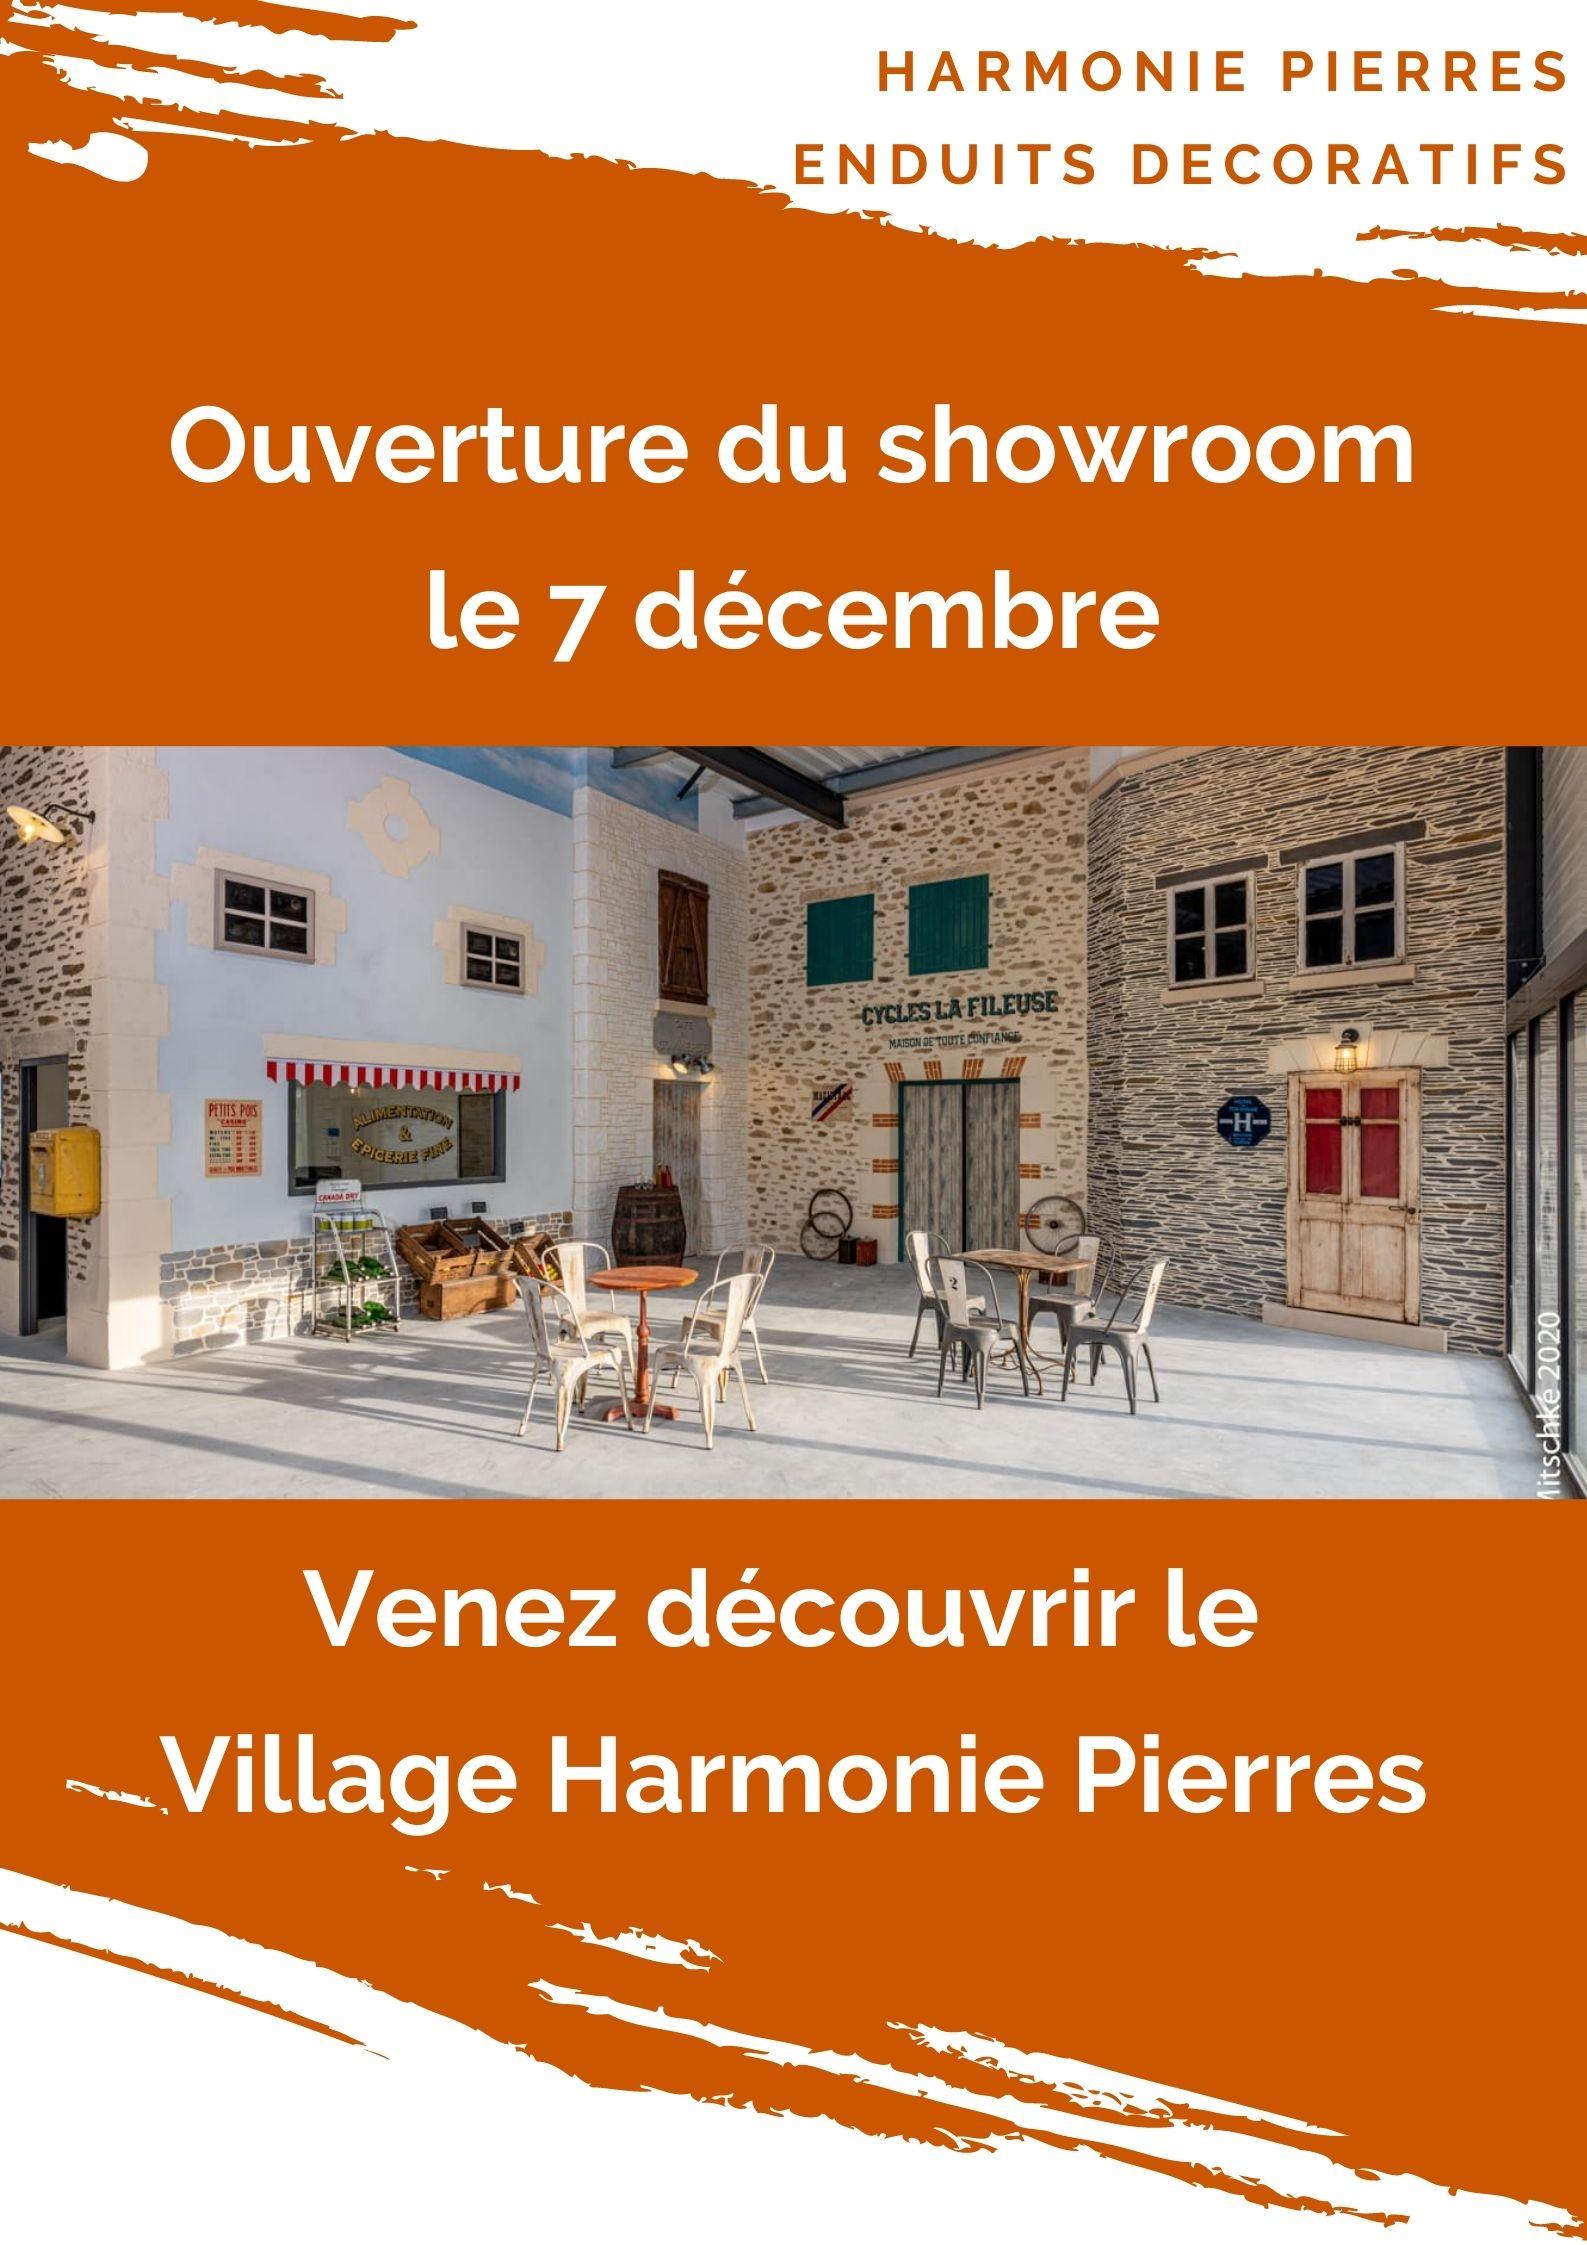 Ouverture showroom enduits imitation pierres à Cholet